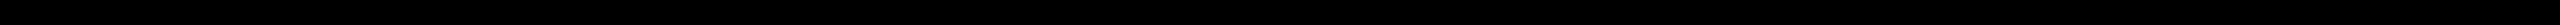 separator bottom